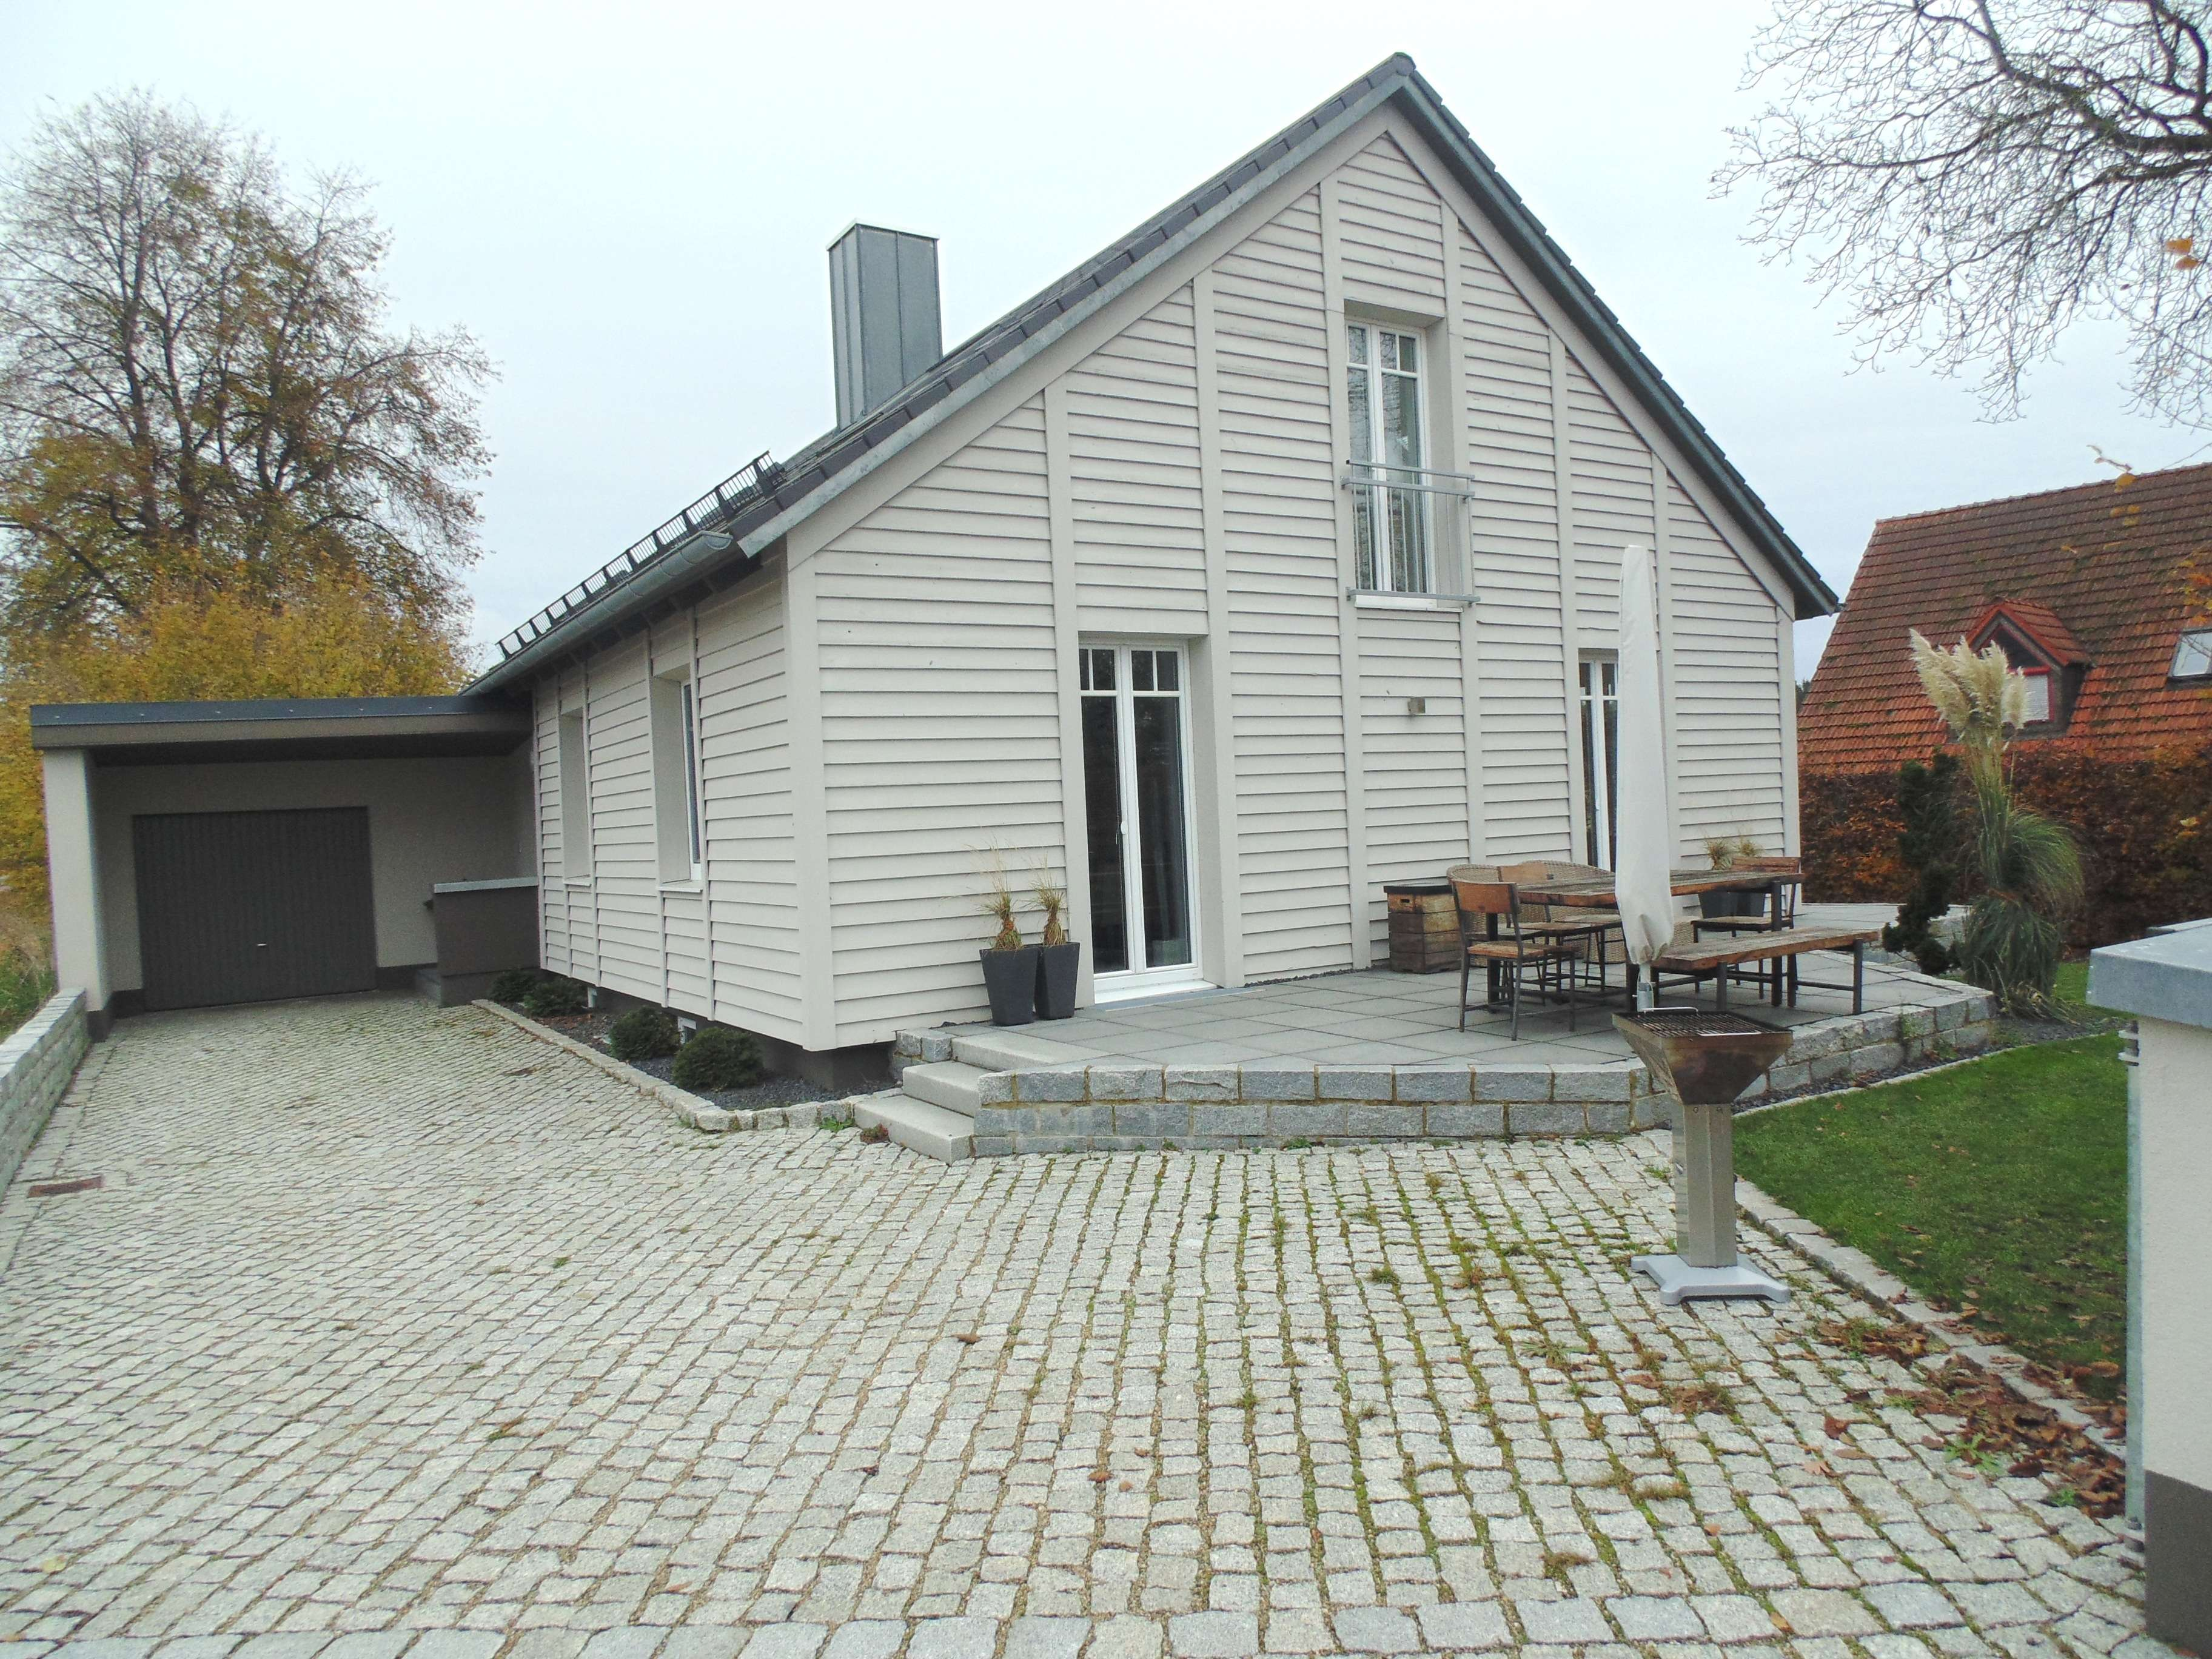 2-Zimmer-Dach-Wohnung 72 m²,vollständ. saniert, neue EBK, ruhige, ländliche Lage Gemeinde Indersdorf in Markt Indersdorf